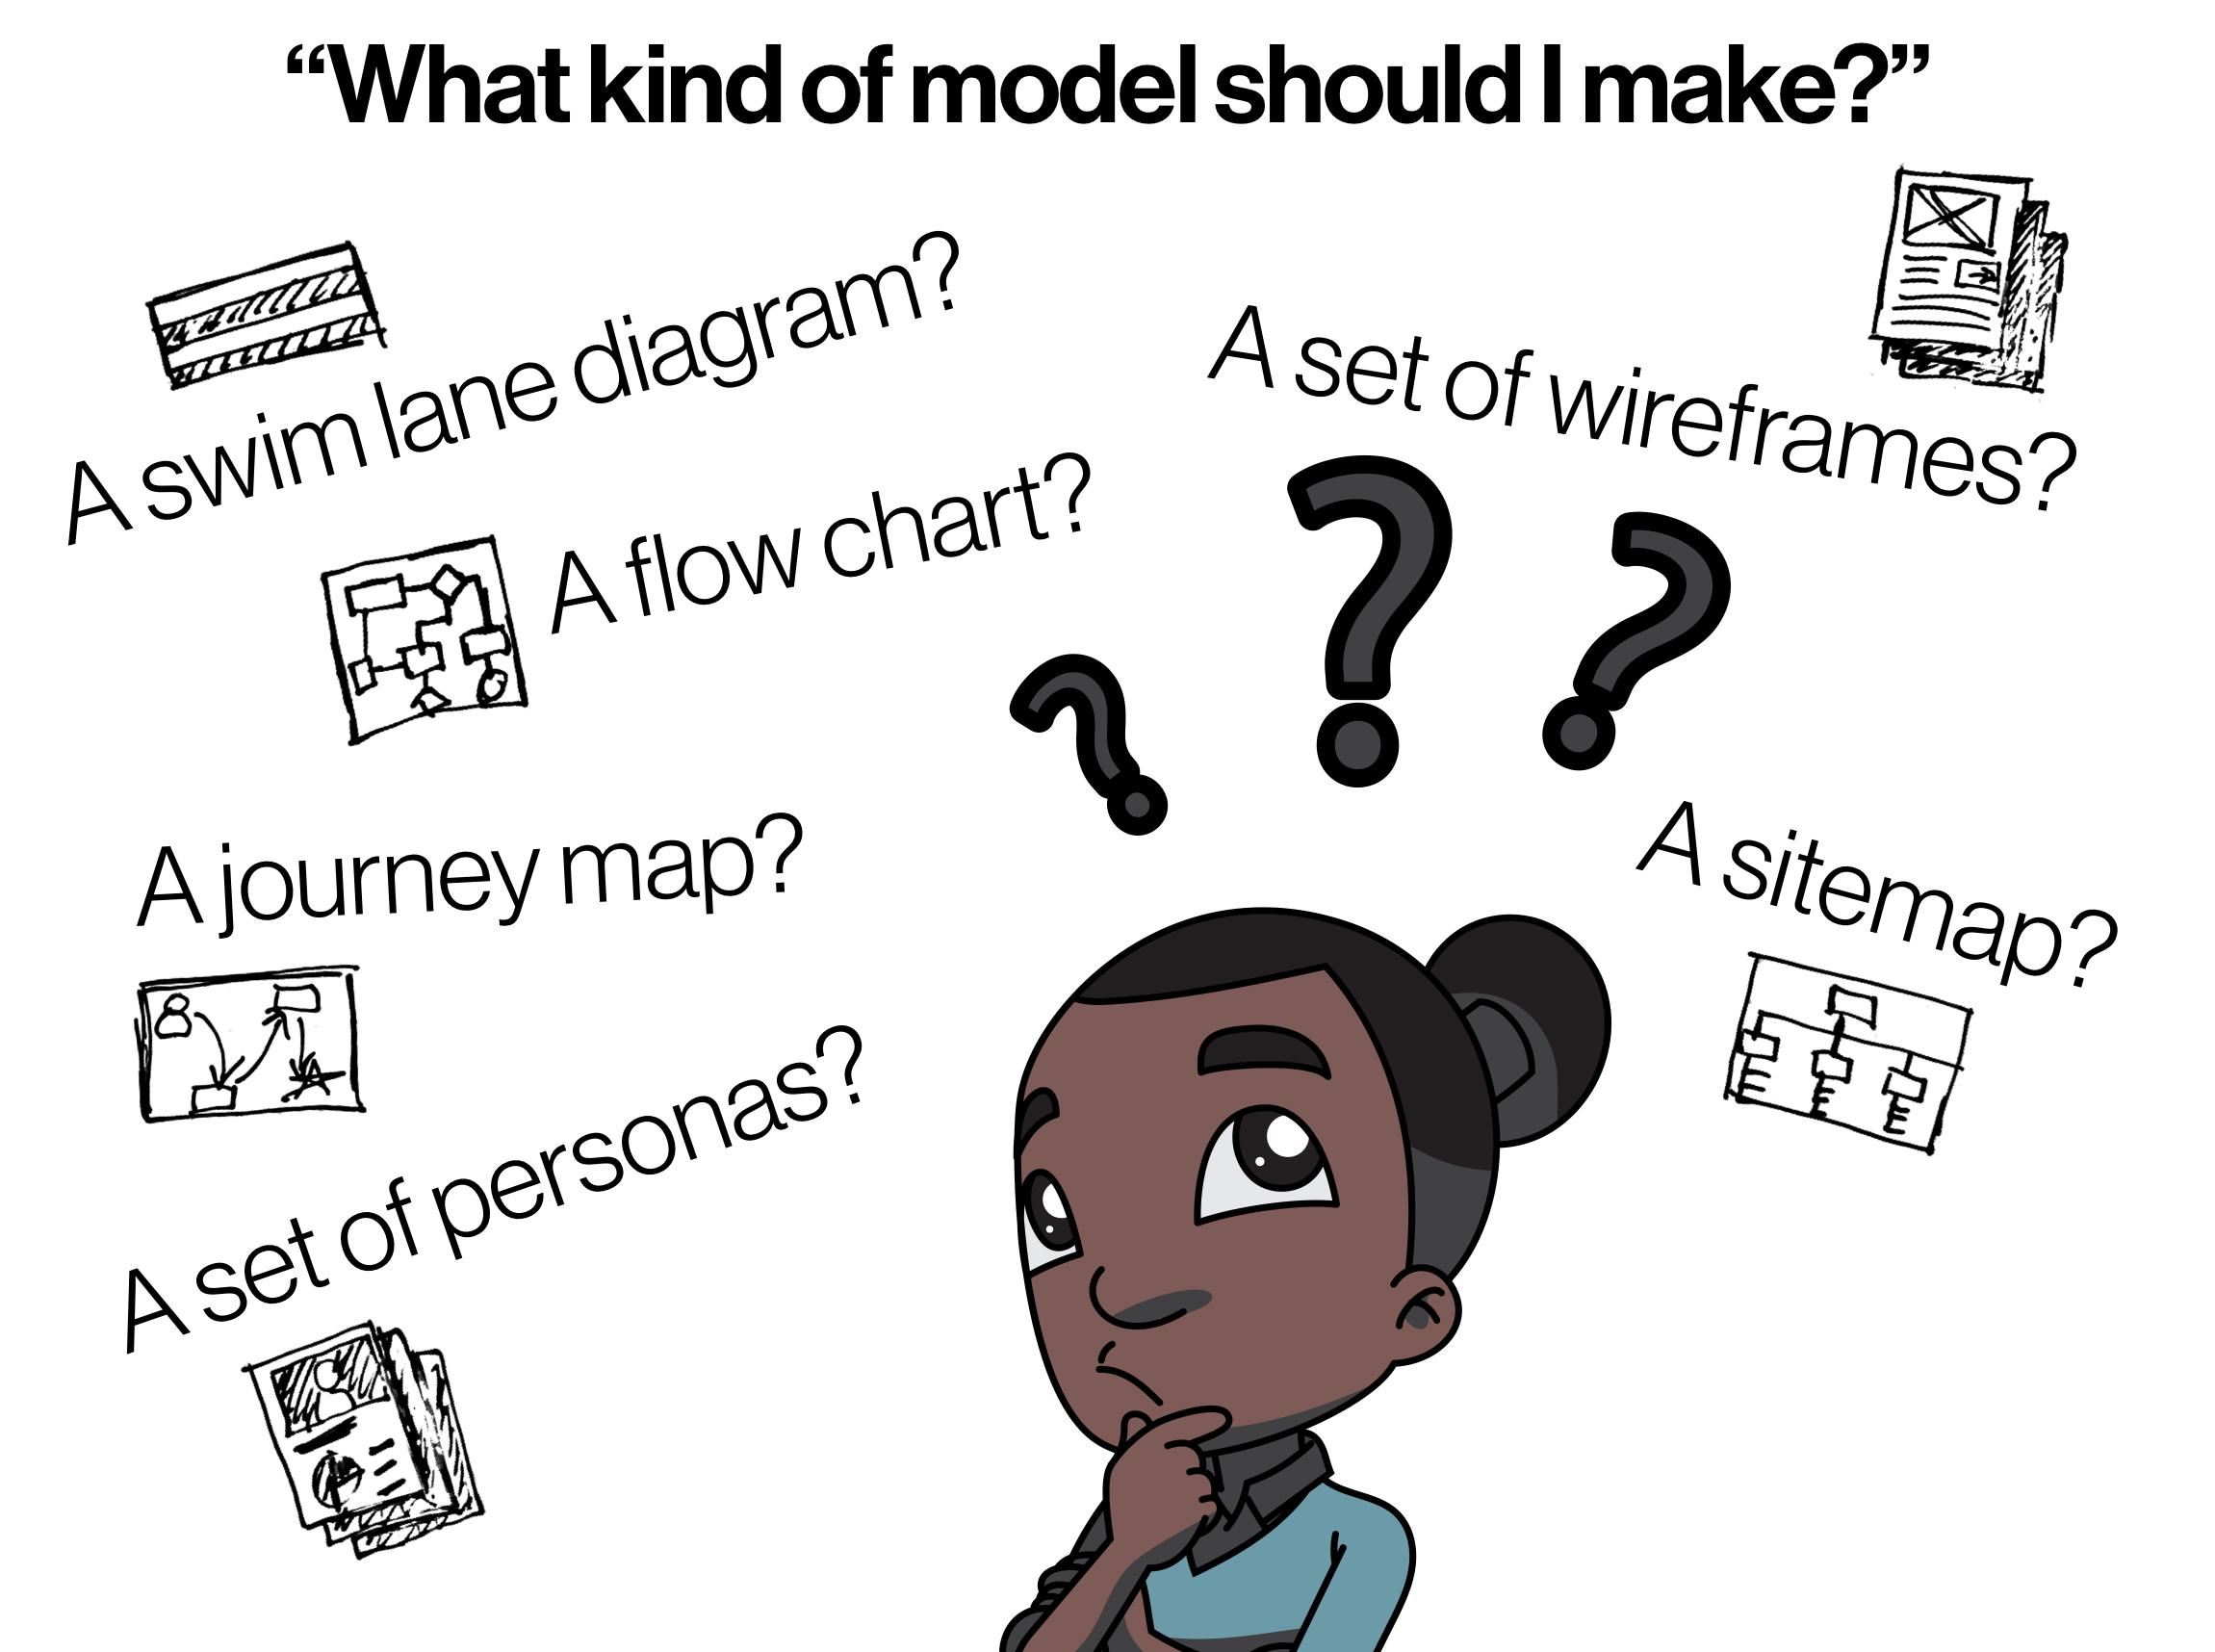 What kind of model should I make